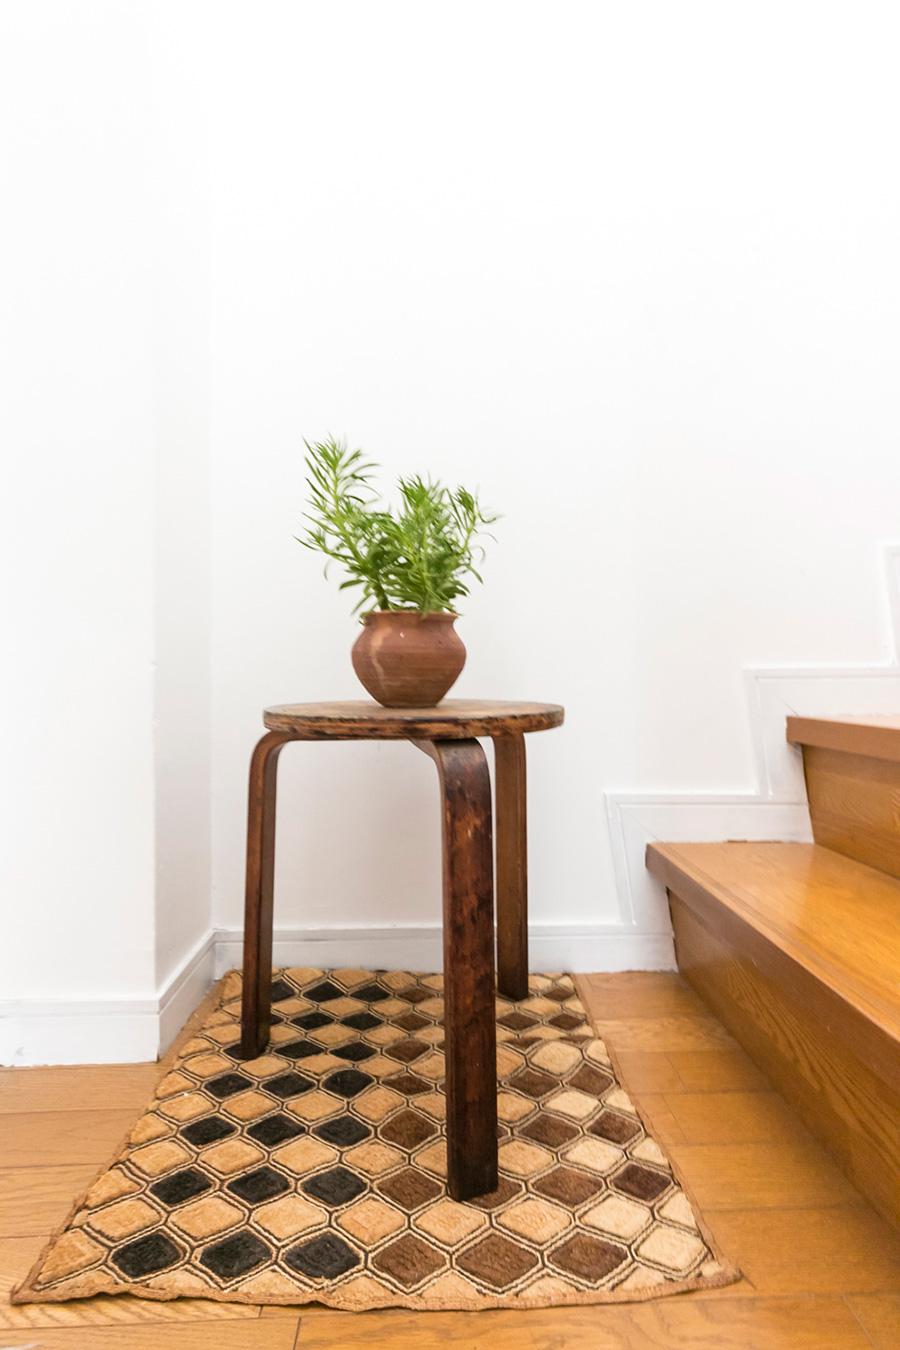 階段の踊り場には、アアルトの三脚スツールの上に小さなグリーンをひとつ。